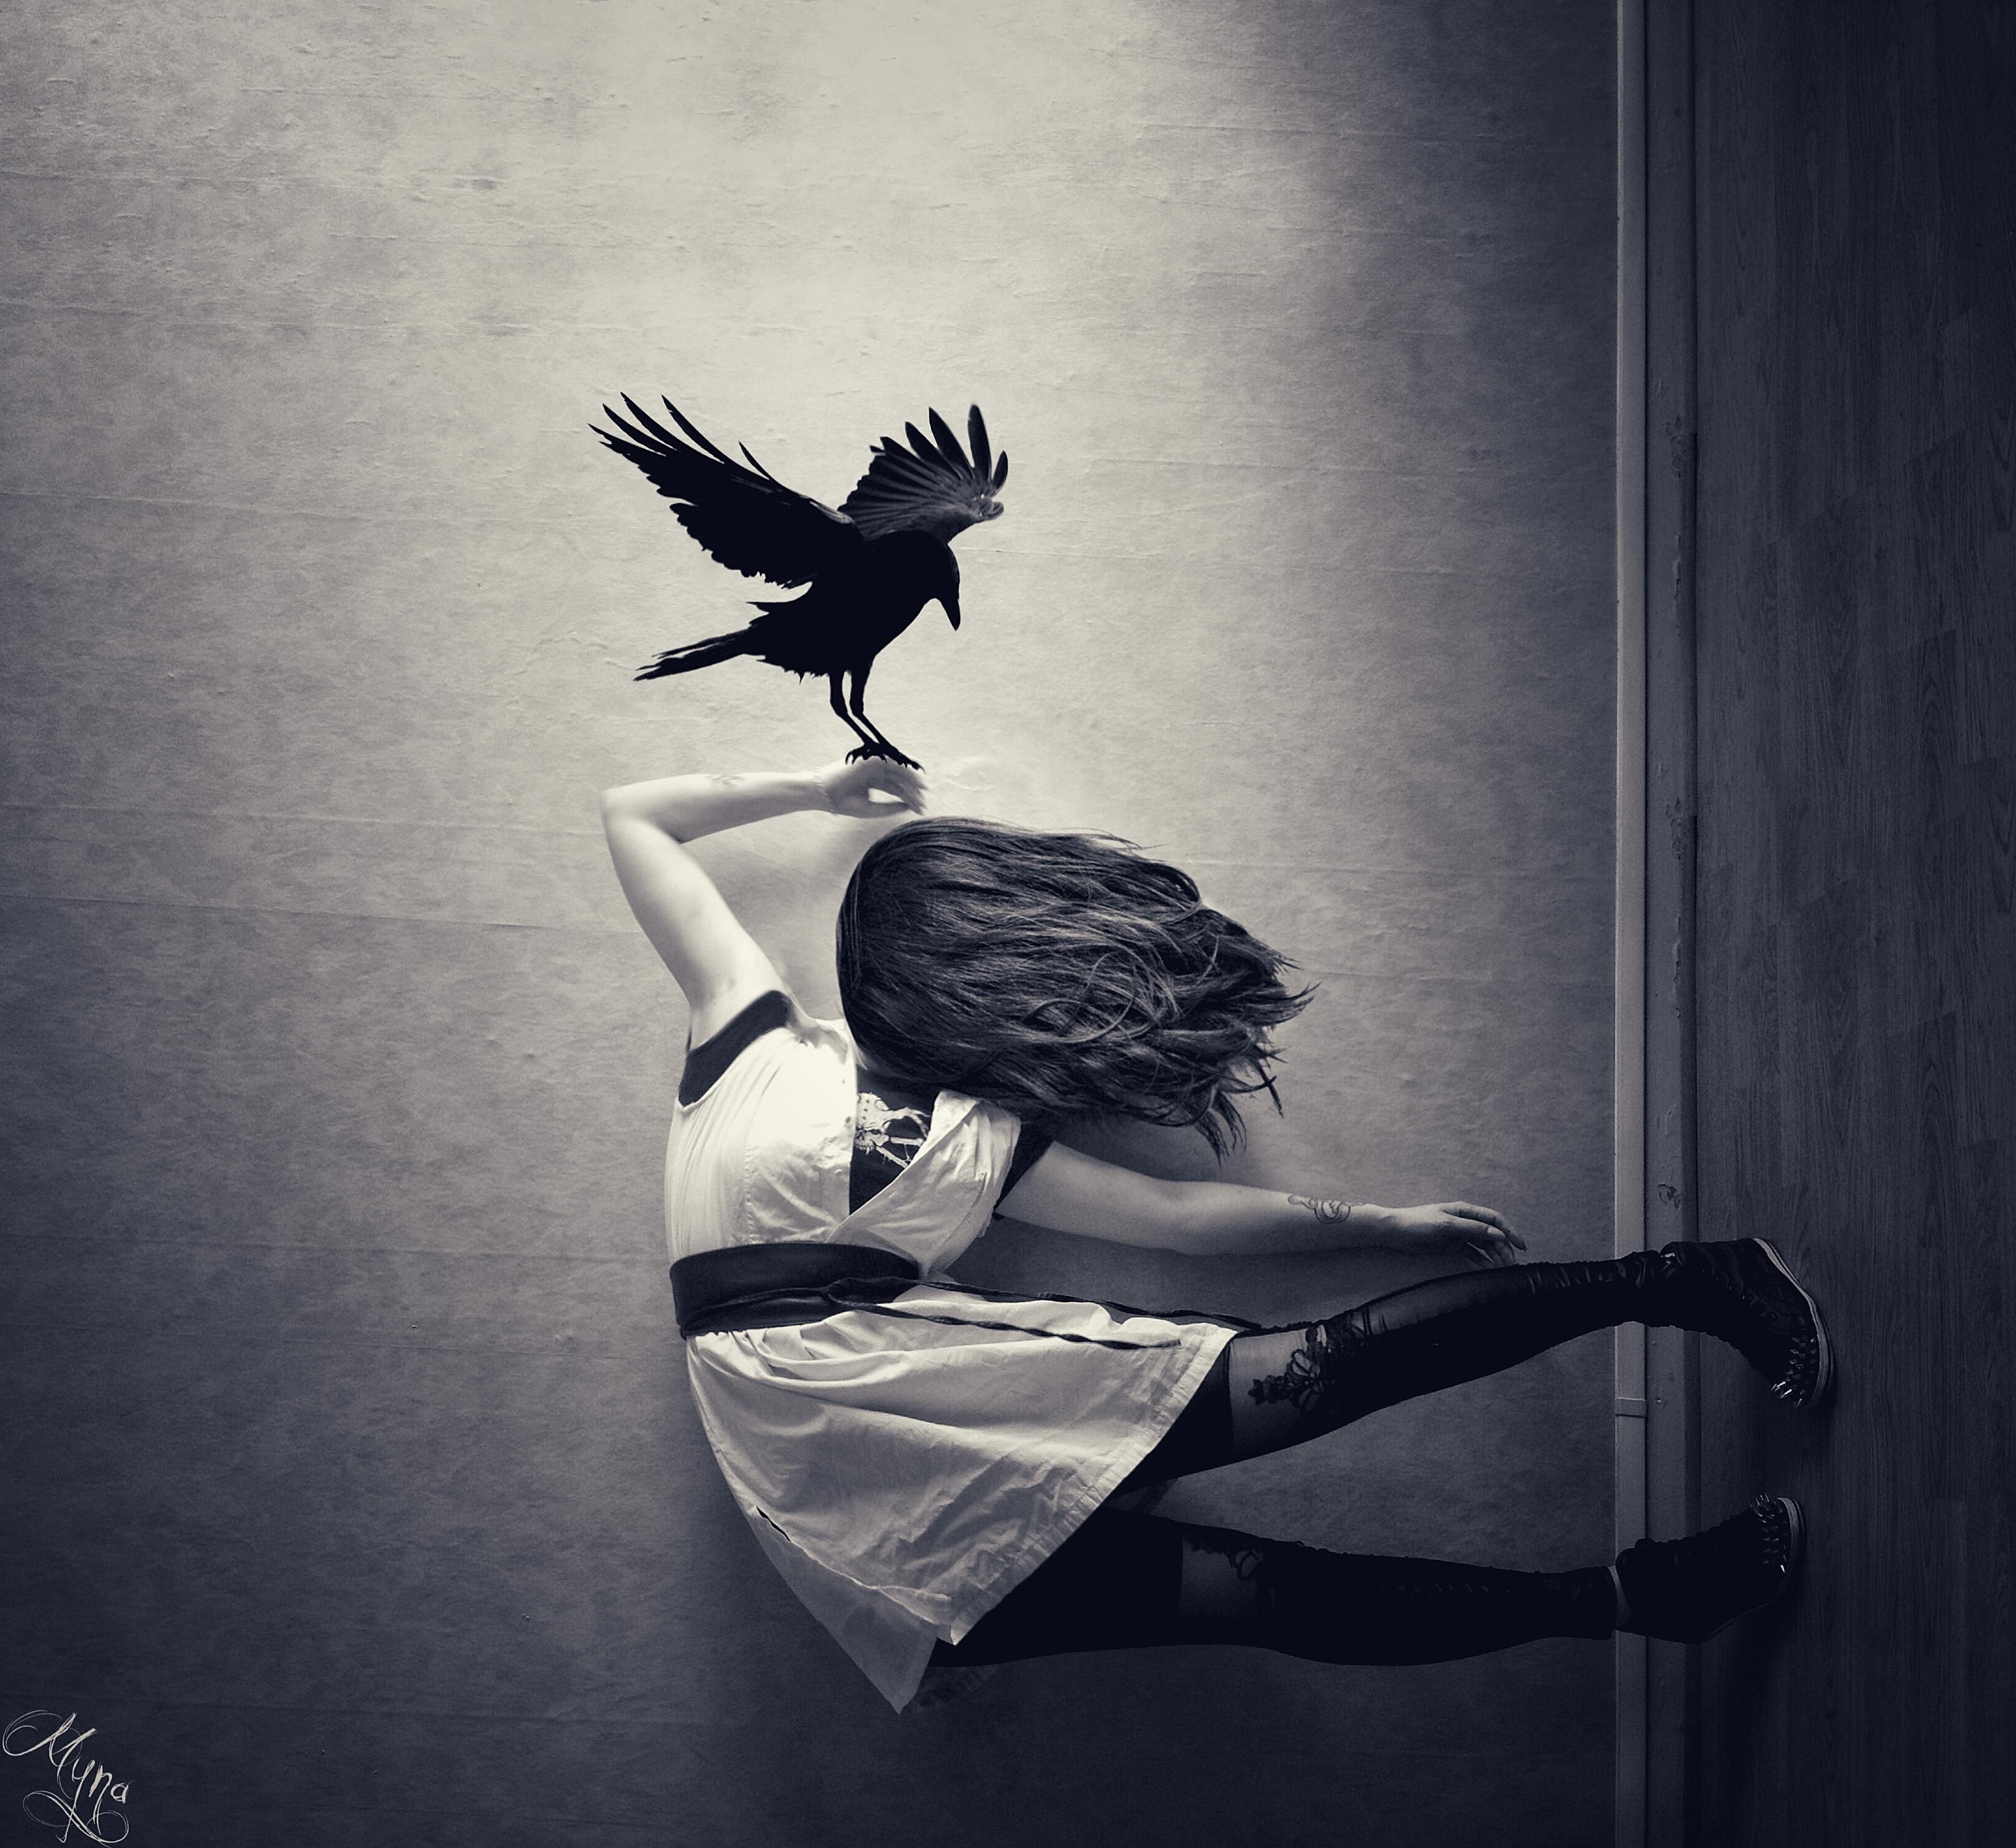 photographie digital dark art